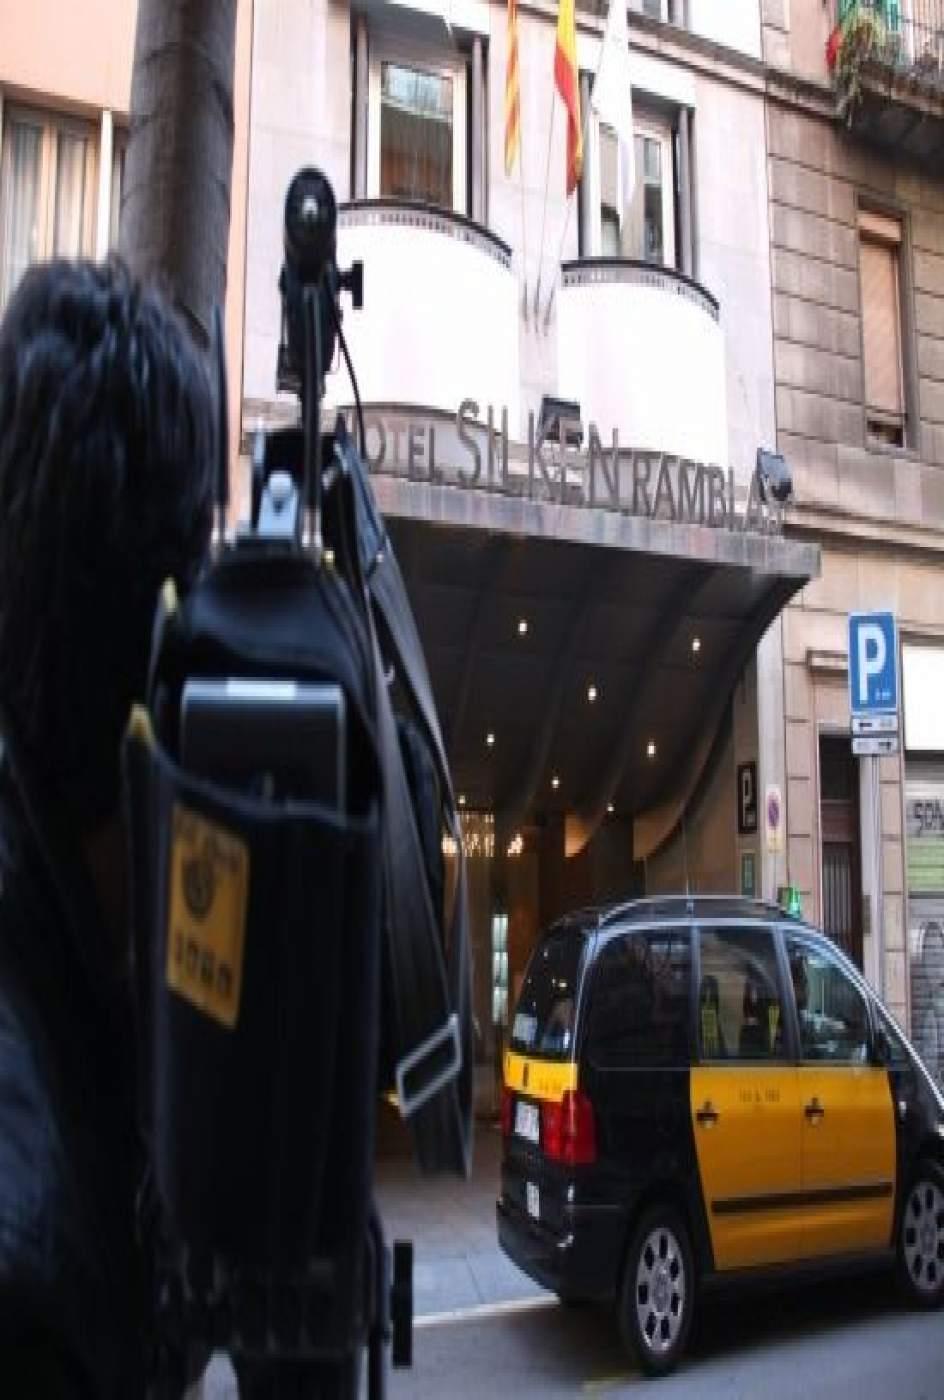 El ayuntamiento de barcelona levanta la prohibici n de for Hoteles en el centro de barcelona